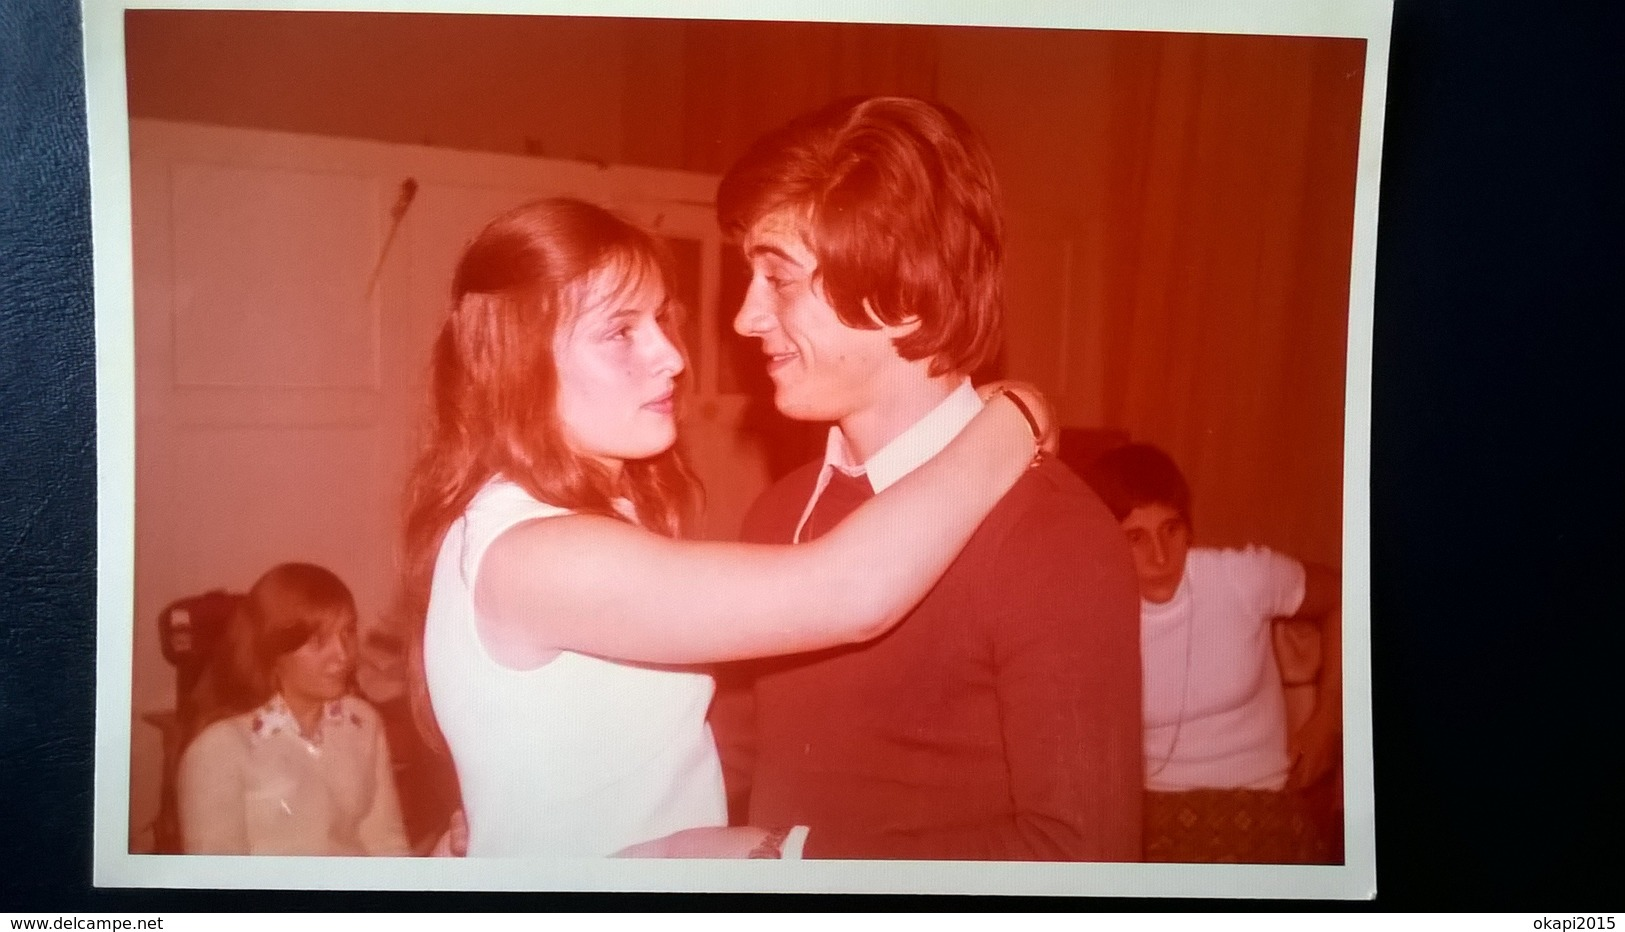 PAYS ARABE À DÉTERMINER AVEC PHOTO LION , BOUM DES ADOLESCENTS ANNÉES 1970 + MÉLI MELO DE PHOTOS EN NOIR - BLANC LOT 120 - Albums & Collections